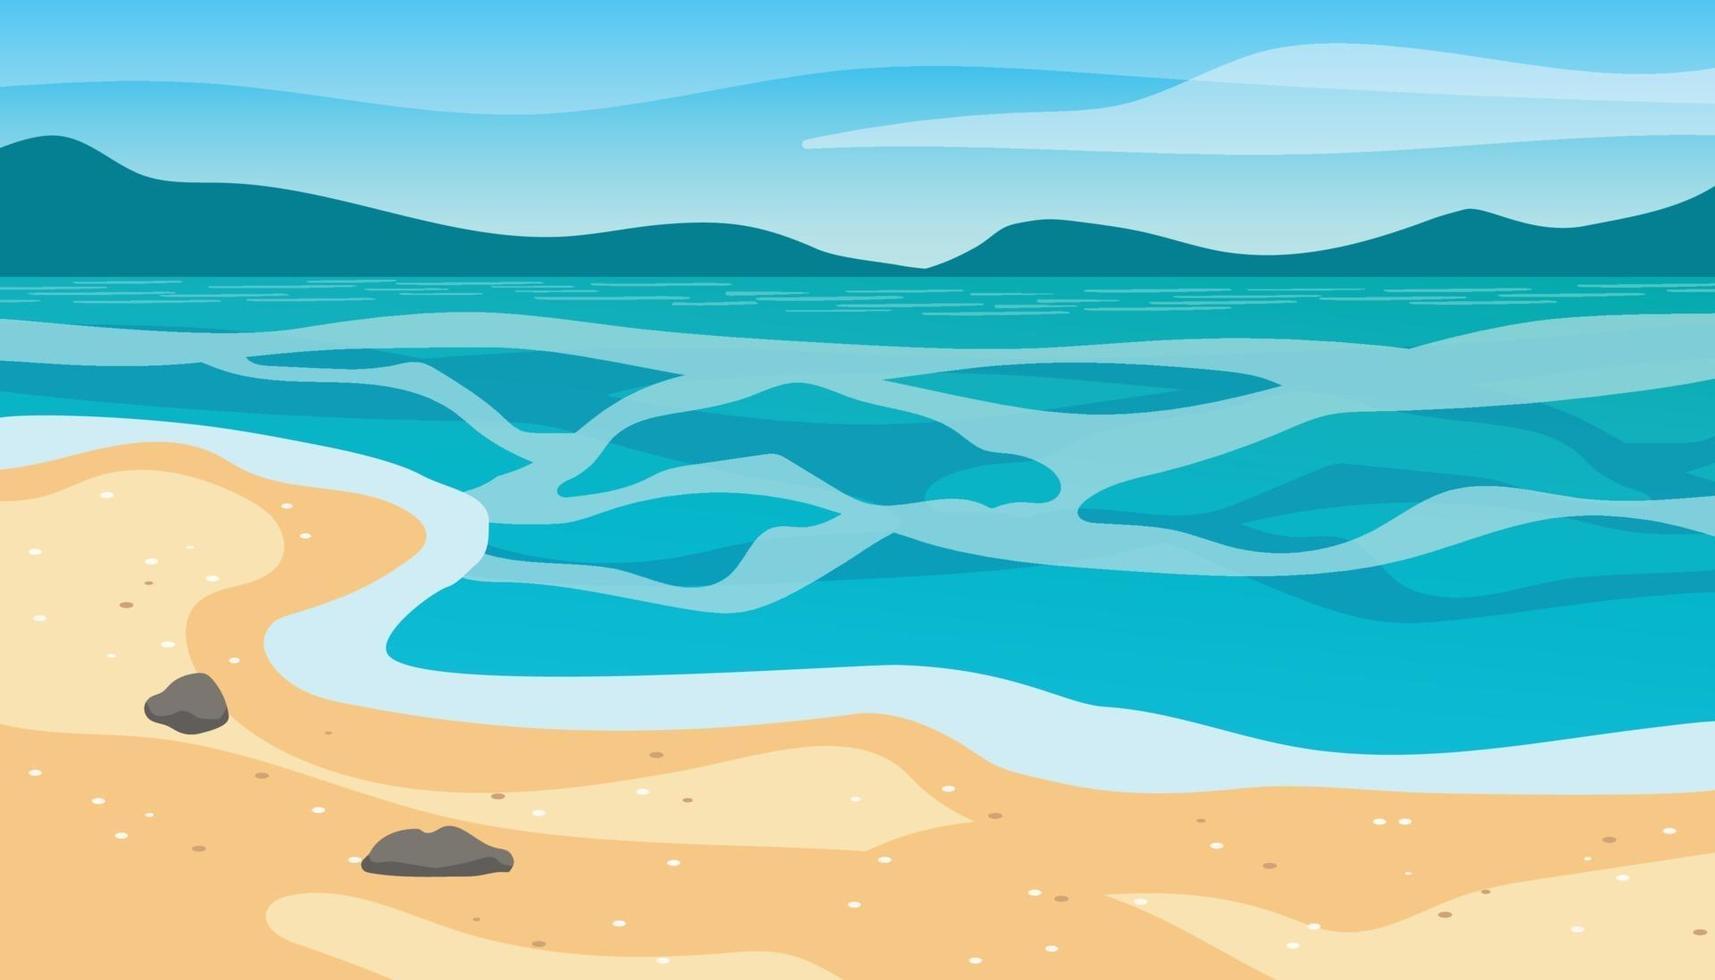 illustratie van zomer strand landschap vector